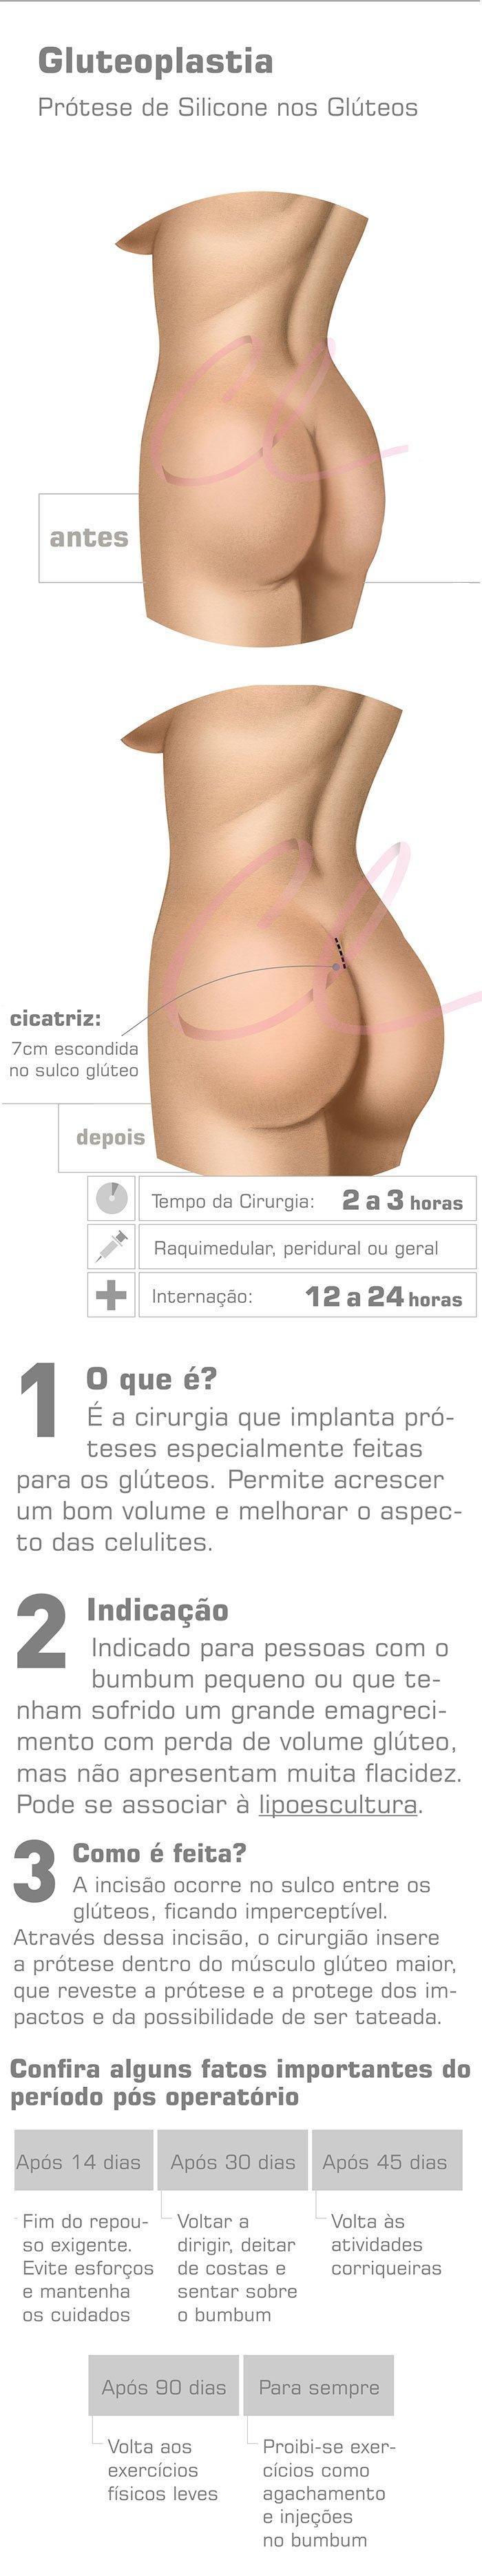 Ilustração com Resumo do Procedimento de Gluteoplastia